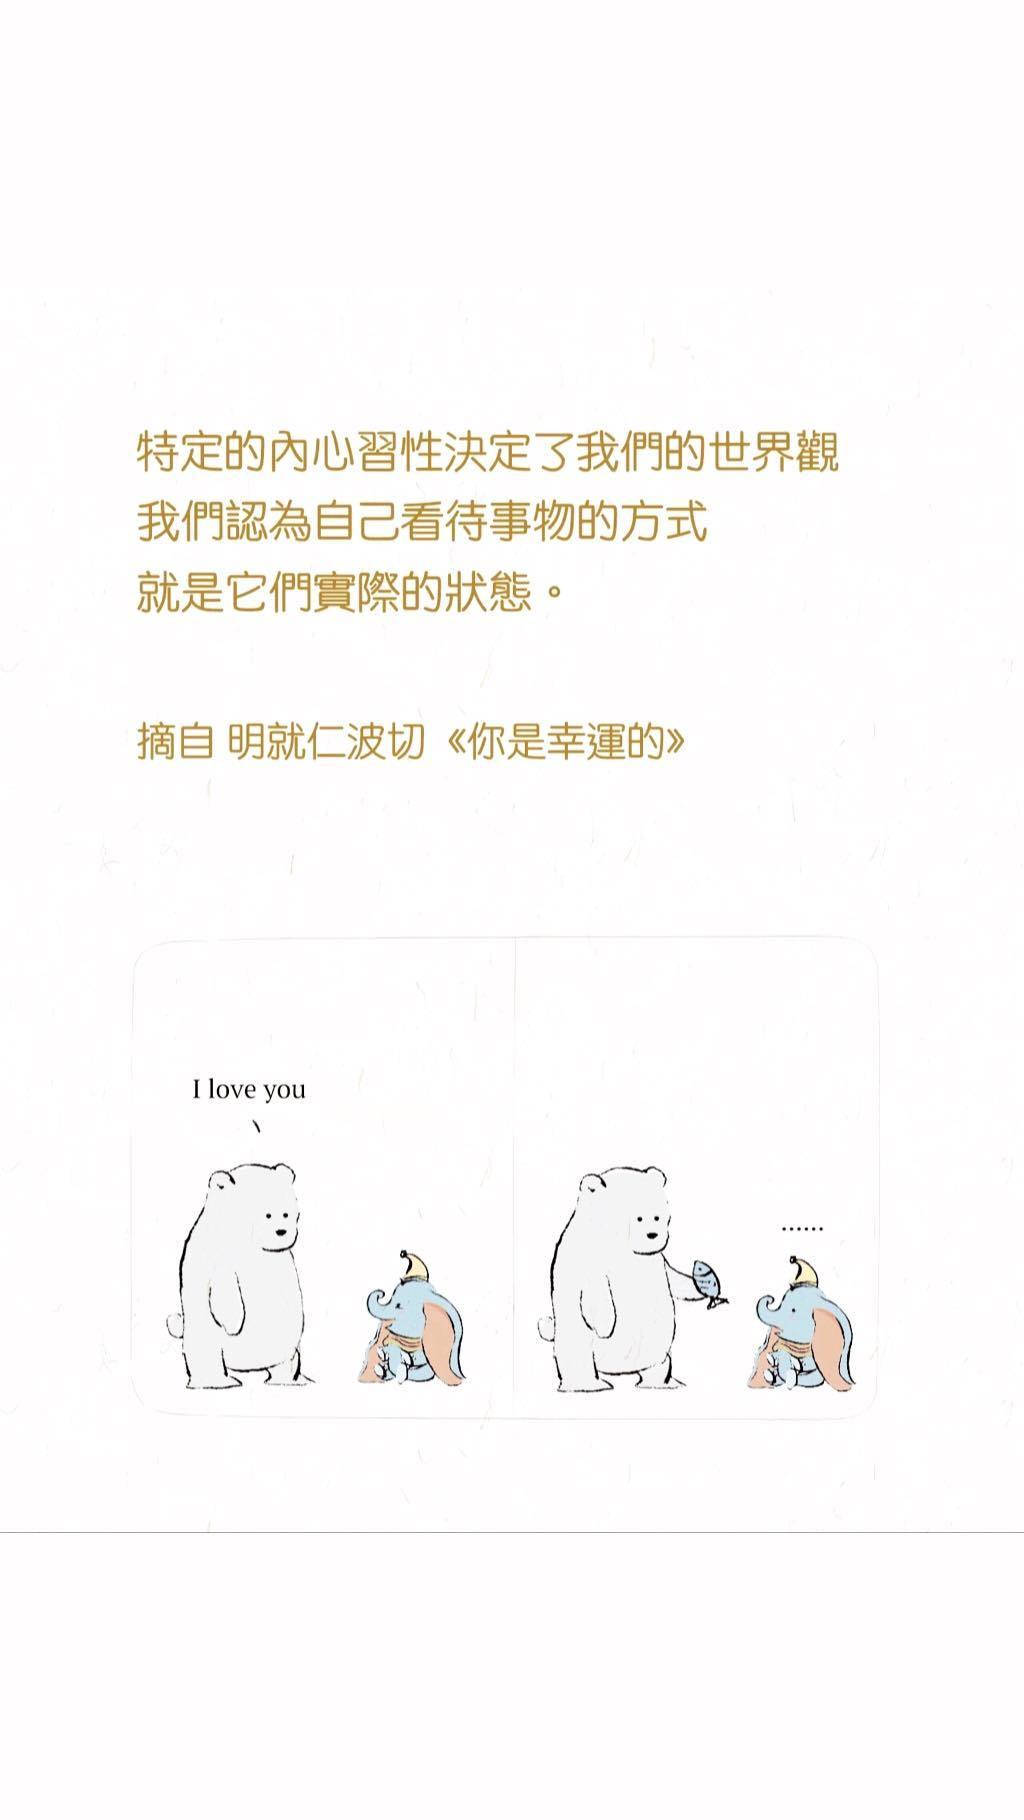 唐詩詠貼日本作家語句。(ig圖片)